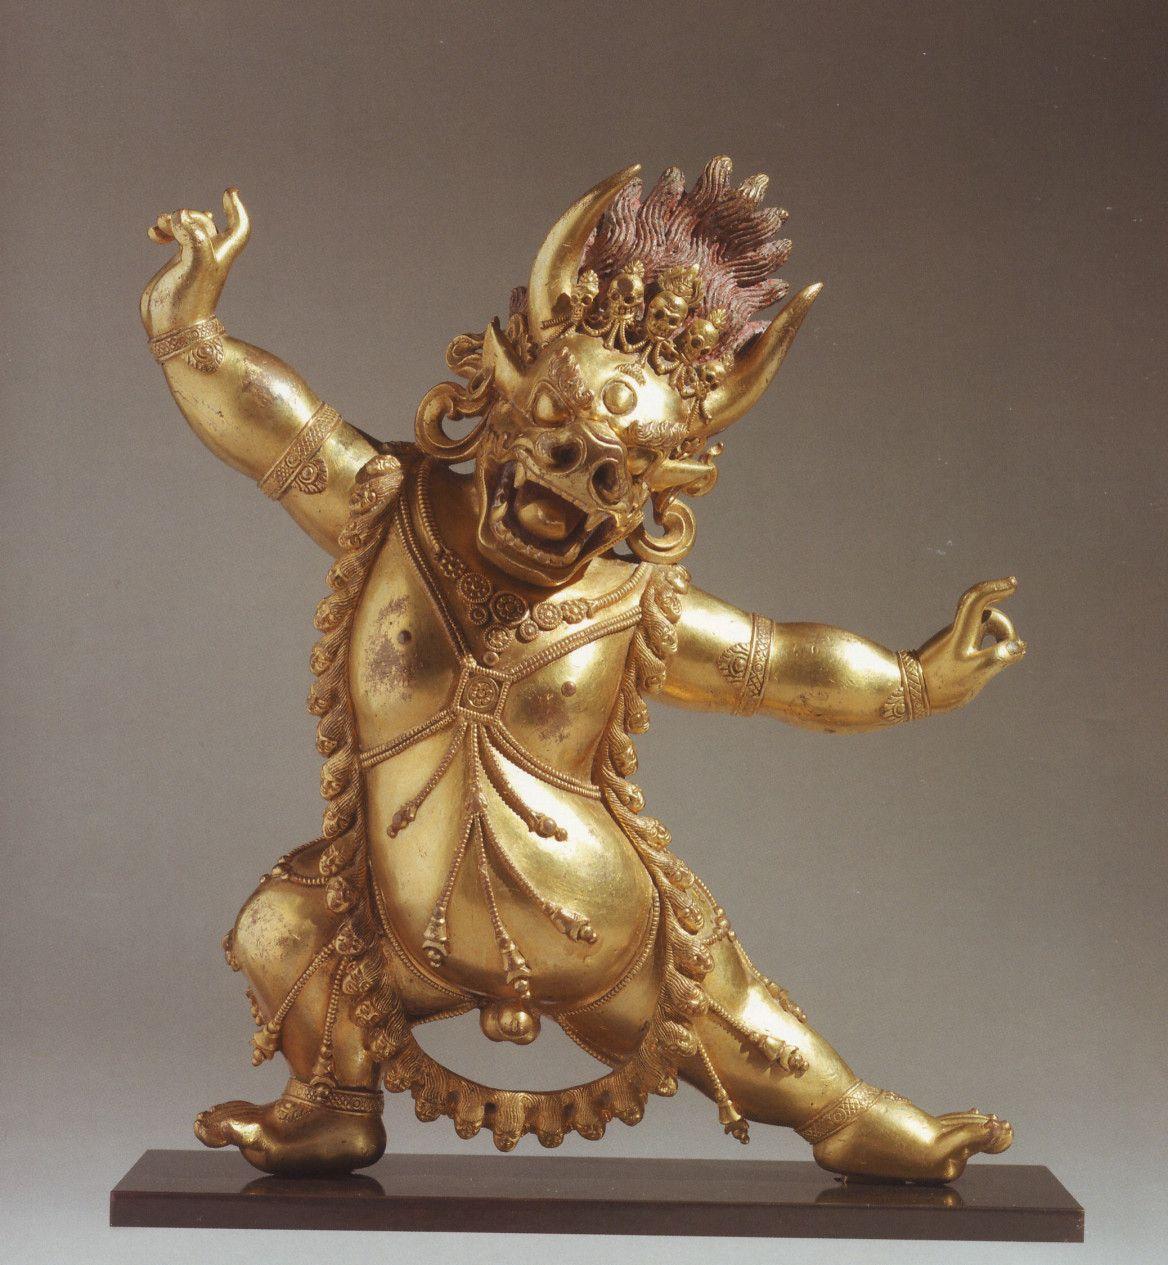 яма индуизм картинки самом